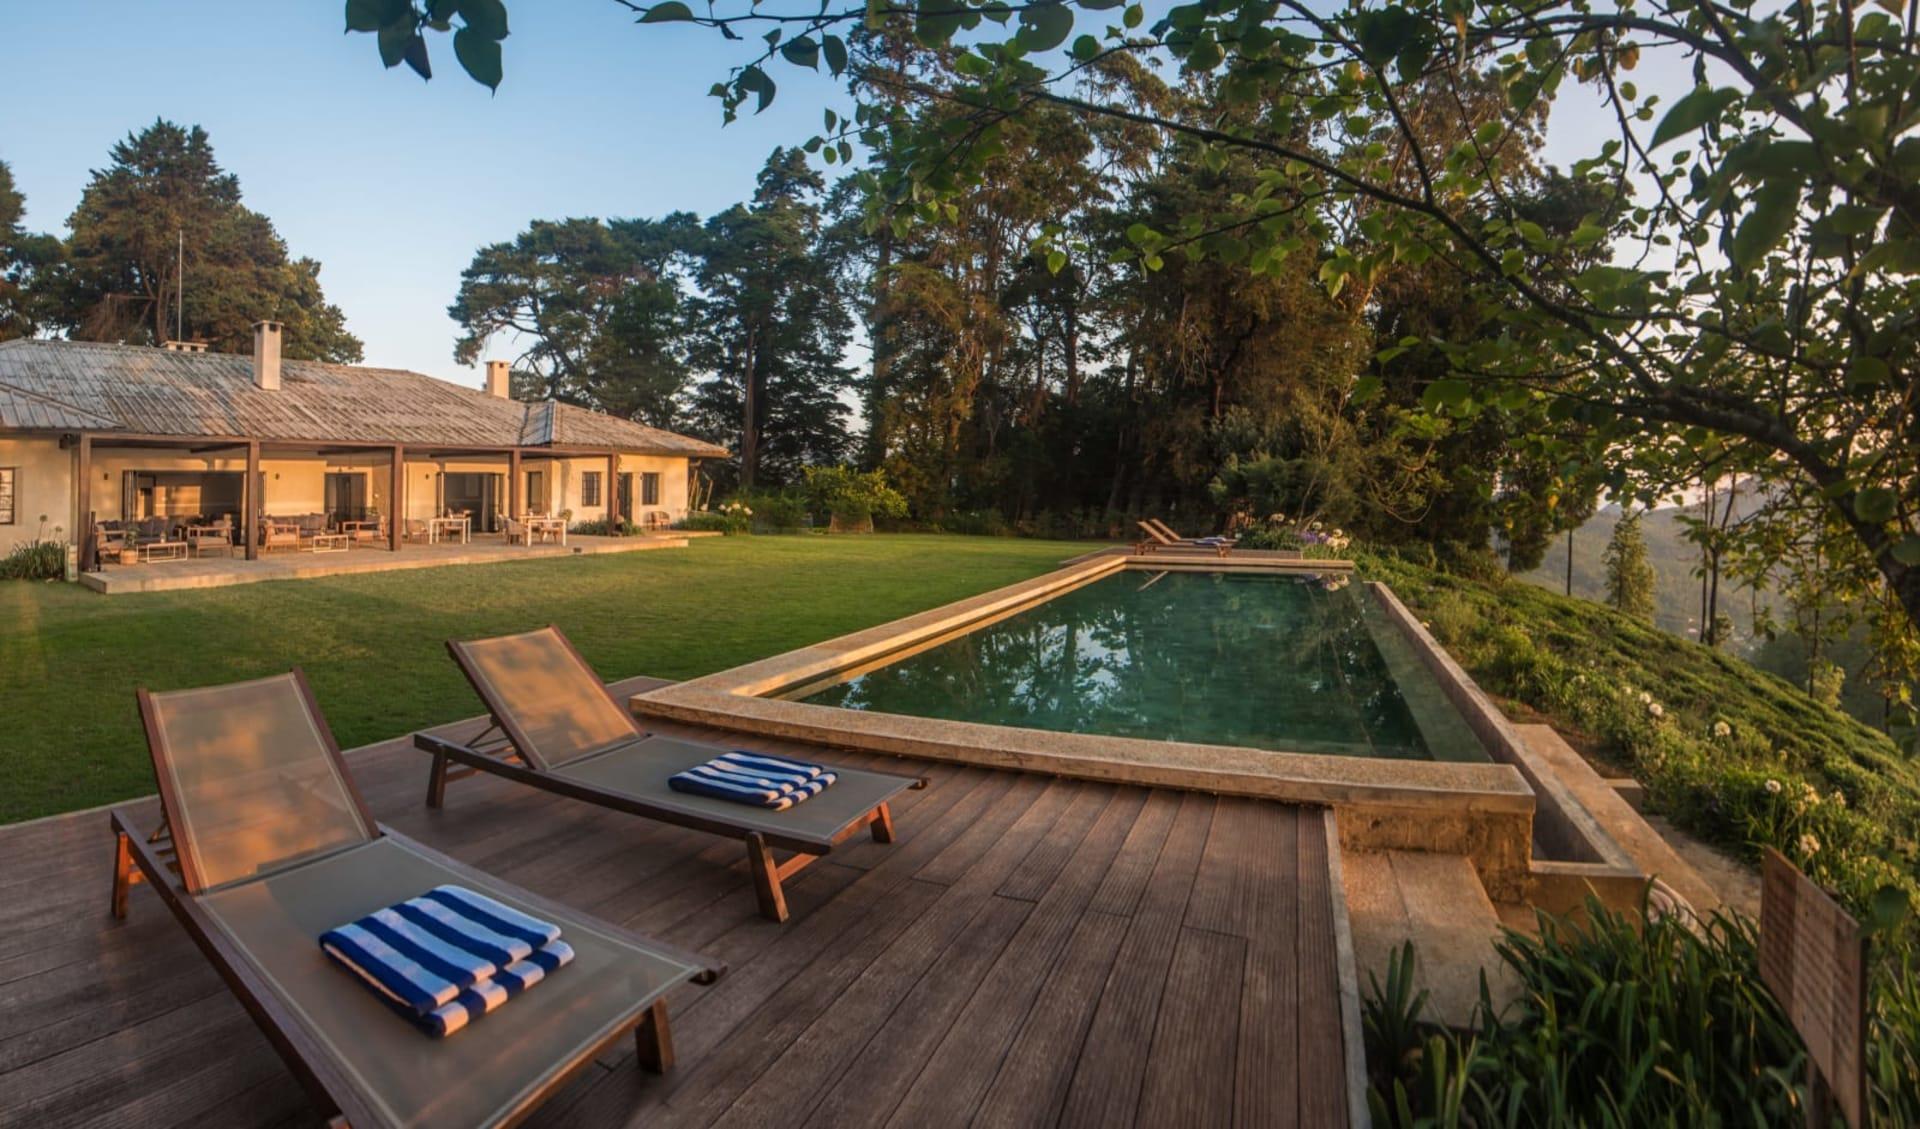 Goatfell in Nuwara Eliya: Panorama Garden and Pool